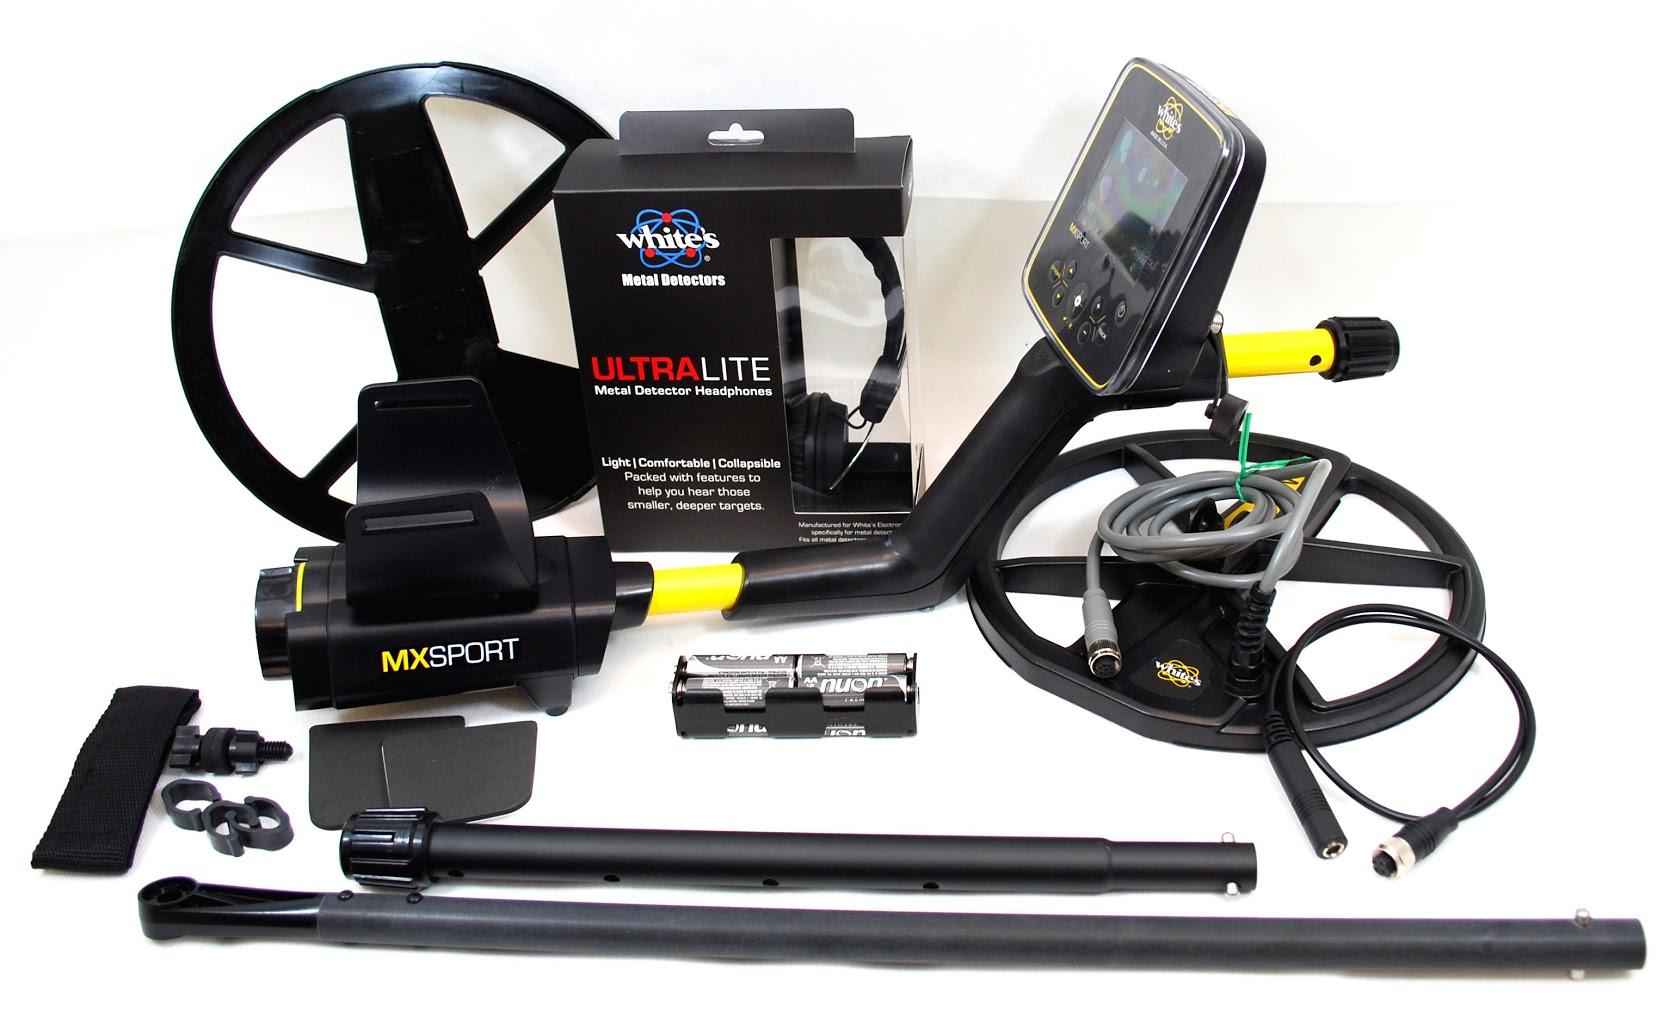 Piezas del detector de metales MX Sport de White's